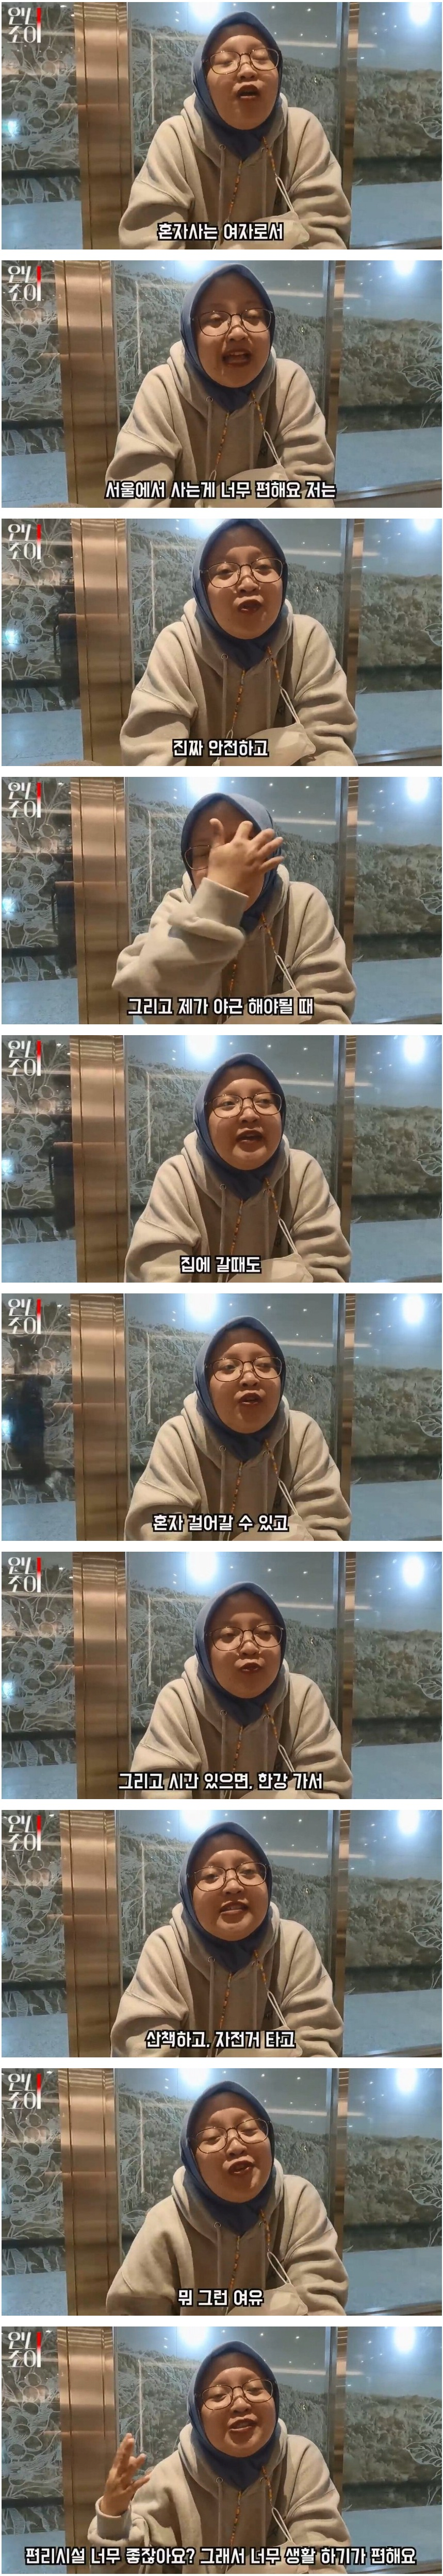 인도네시아 여자가 말하는 서울생활